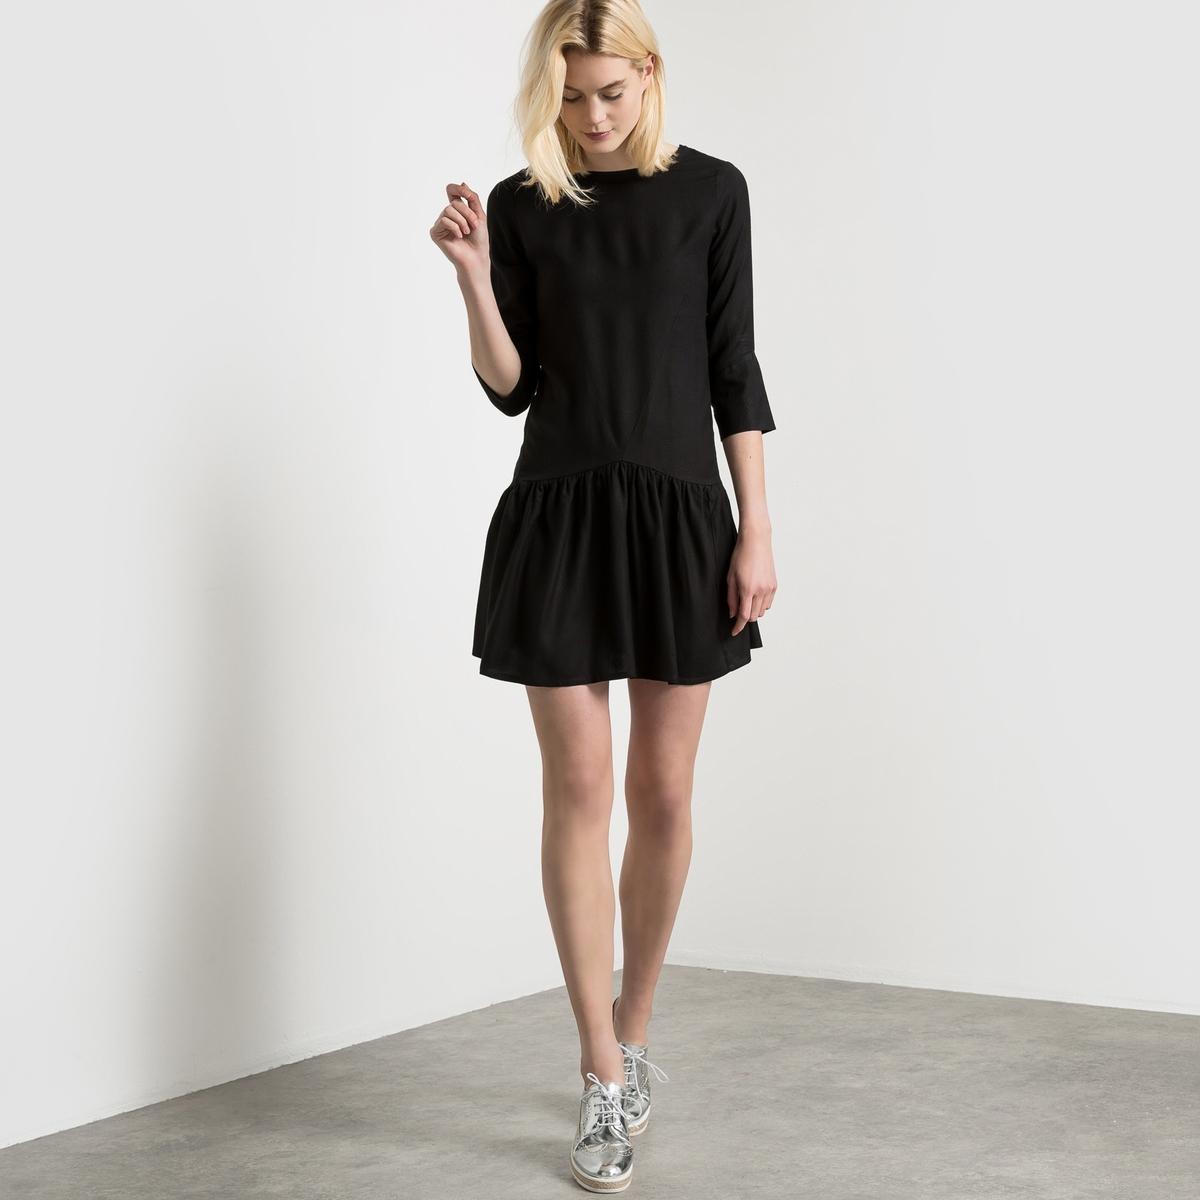 Платье с рукавами 3/4 и V-образным вырезом сзадиПлатье 100% вискоза. Вырез-лодочка. Длинные рукава. Глубокий V-образный вырез сзади. Заниженная талия. Кружевные узоры. Длина 90 см.<br><br>Цвет: розовый,черный<br>Размер: 42 (FR) - 48 (RUS).46 (FR) - 52 (RUS)